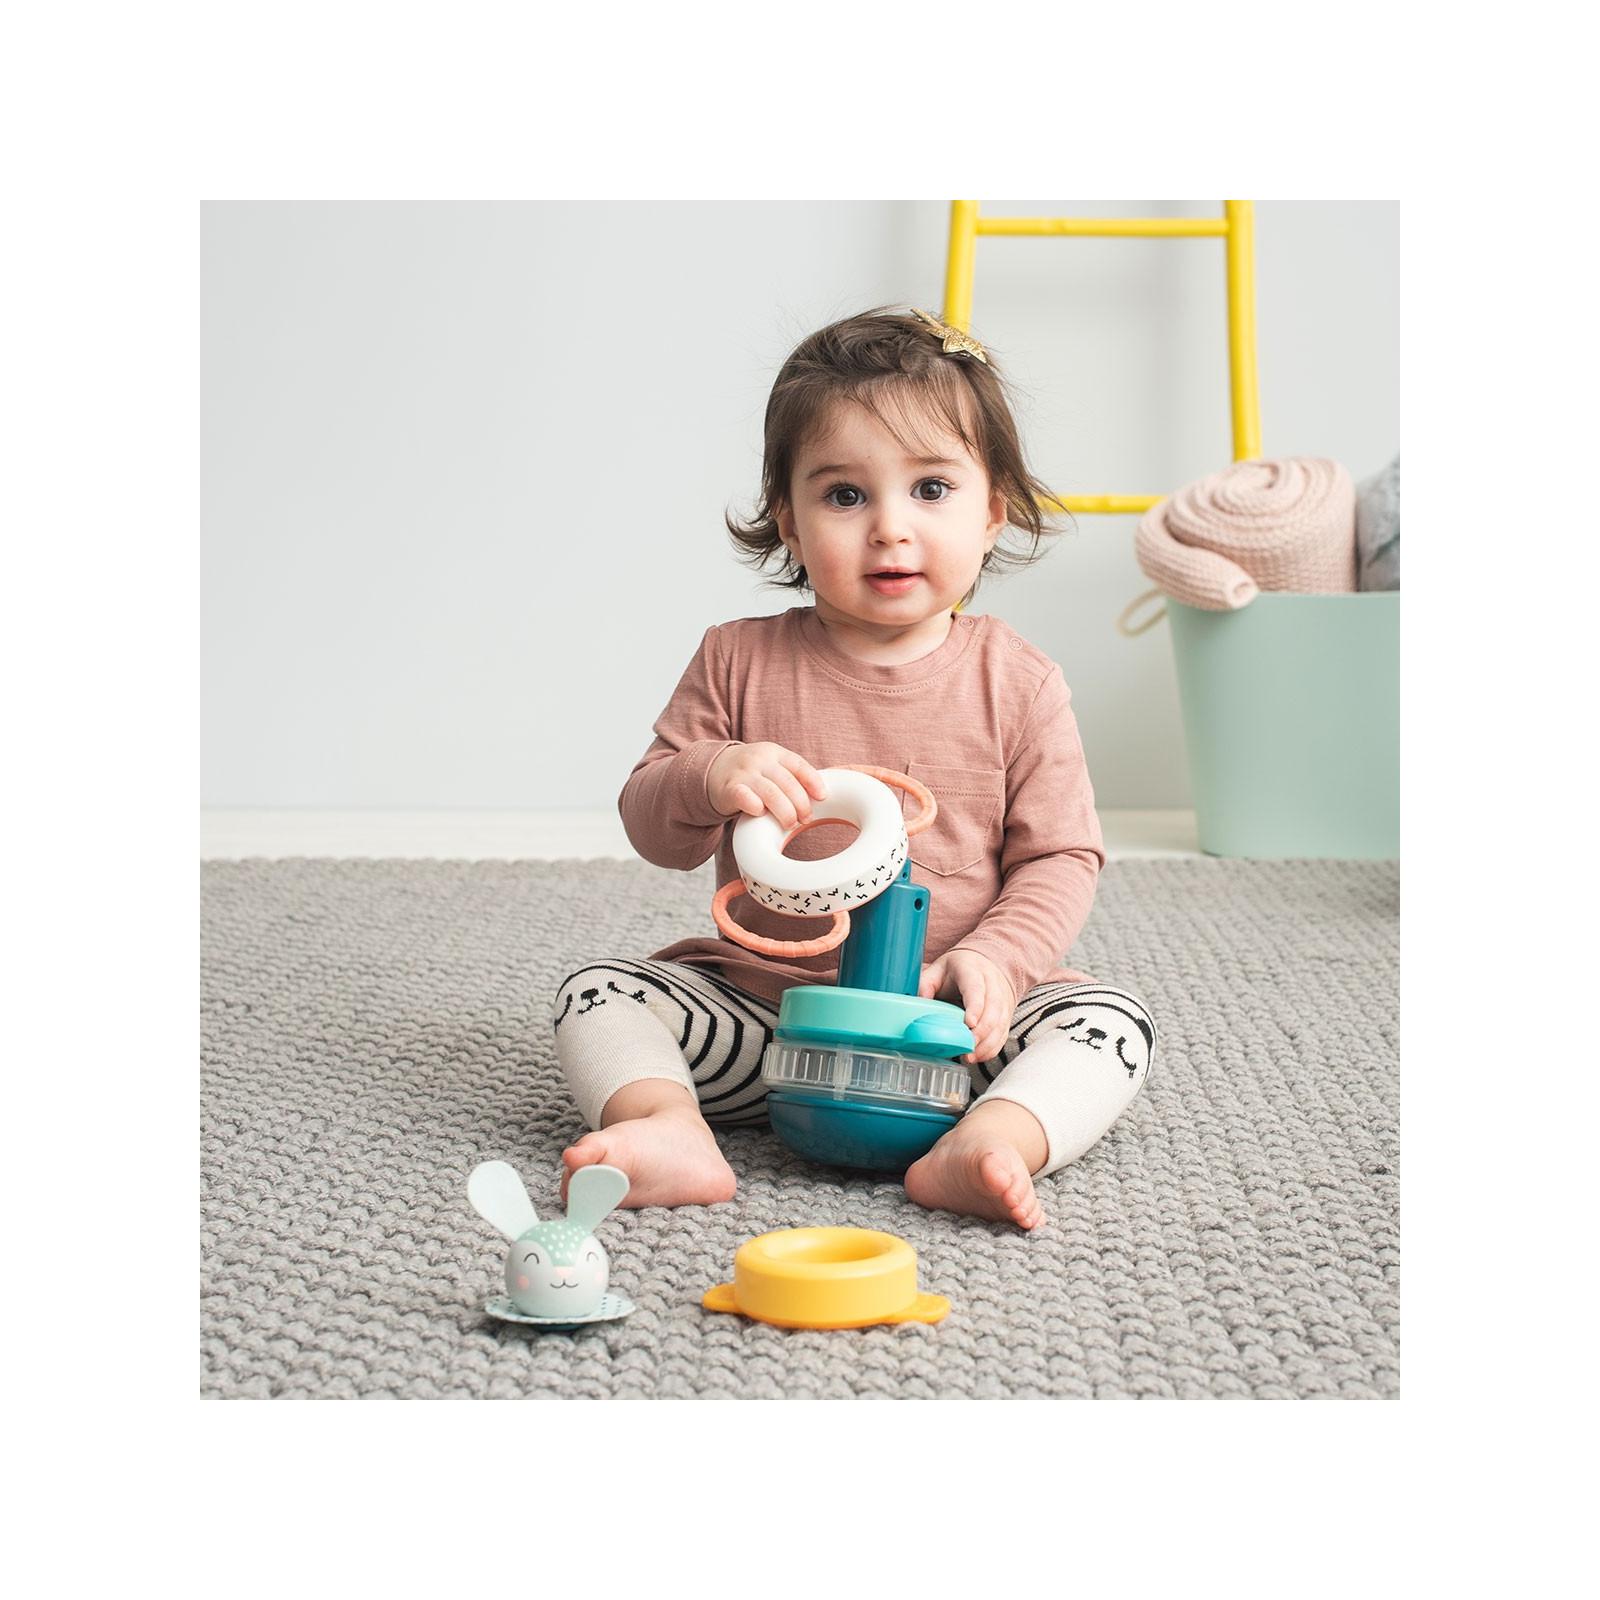 Развивающая игрушка Taf Toys пирамидка Кролик коллекция Полярное сияние (12445) изображение 4